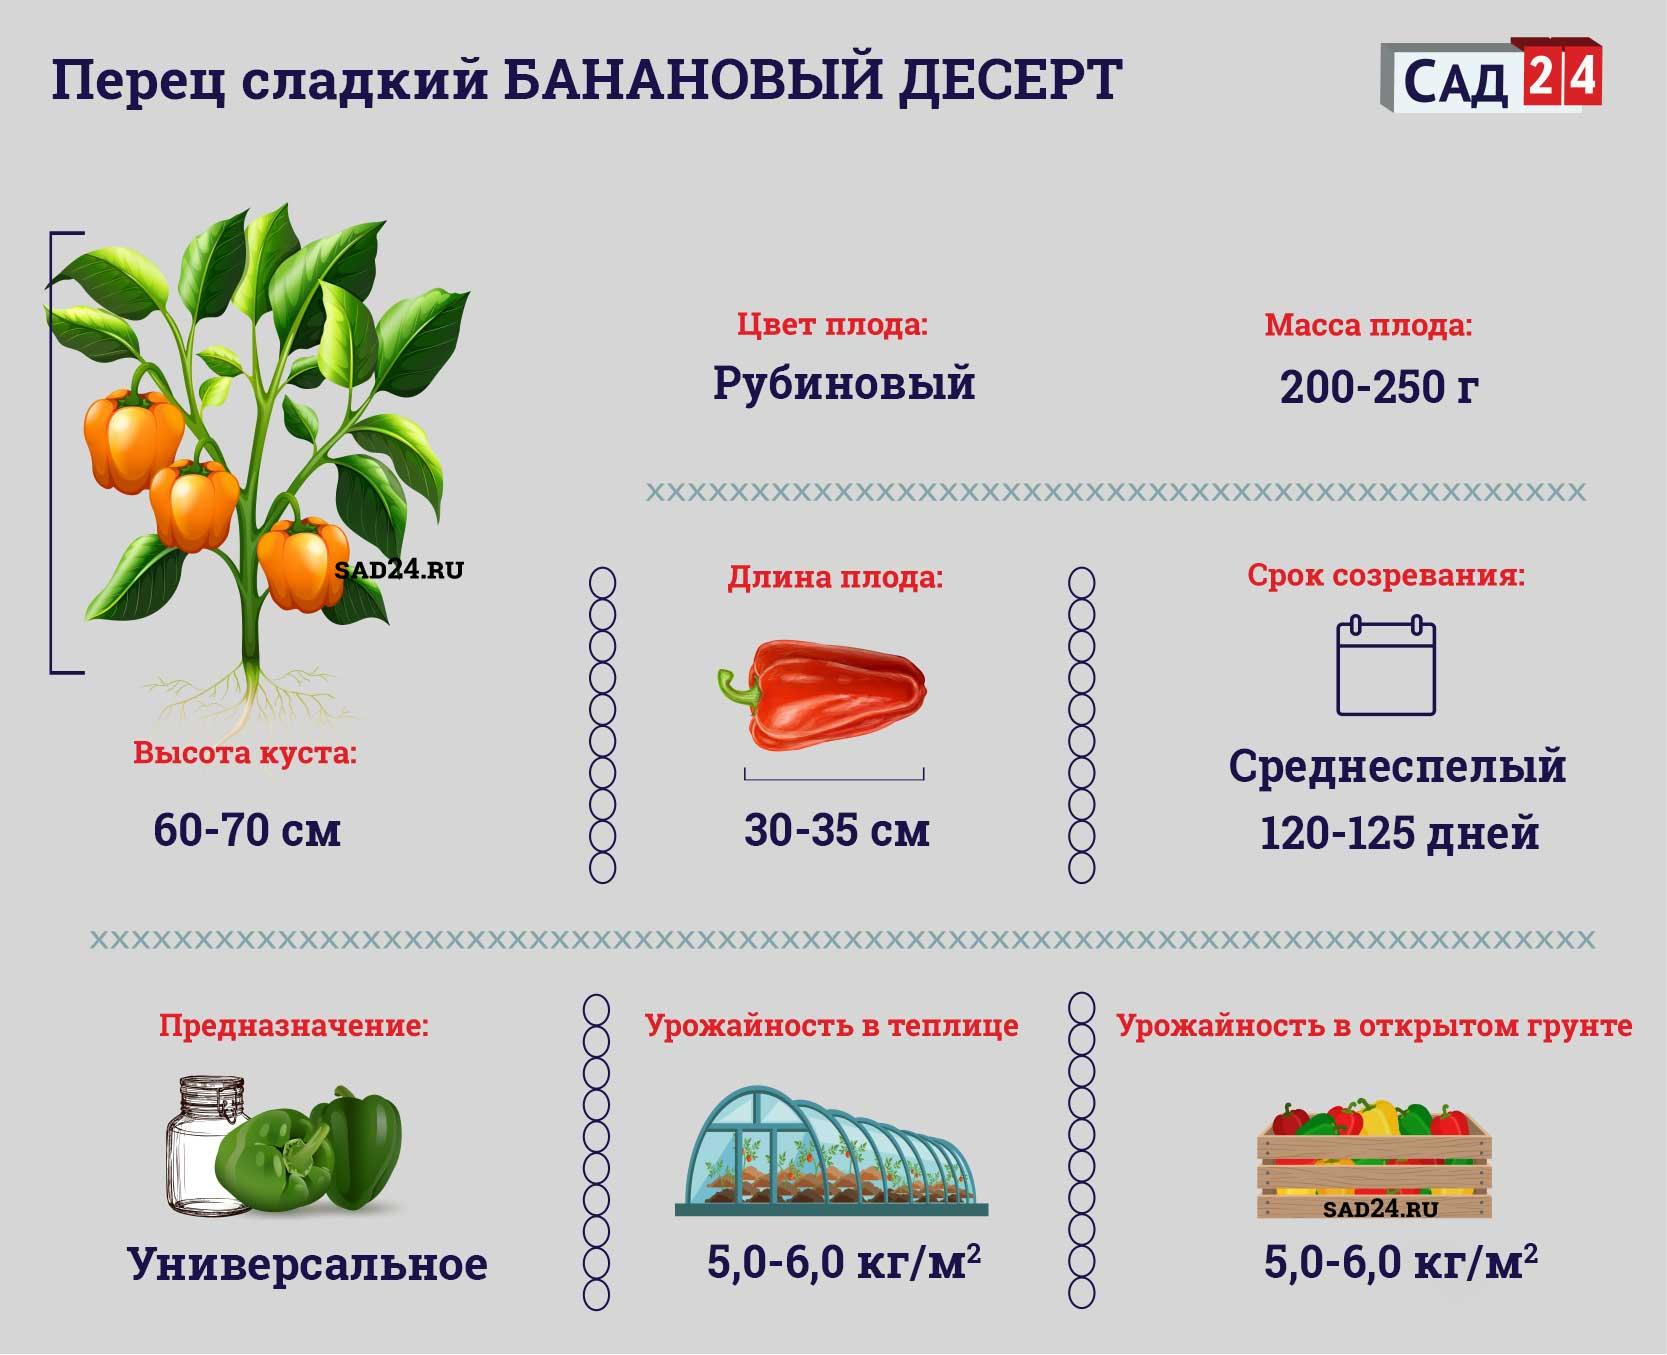 Банановый десерт - https://sad24.ru